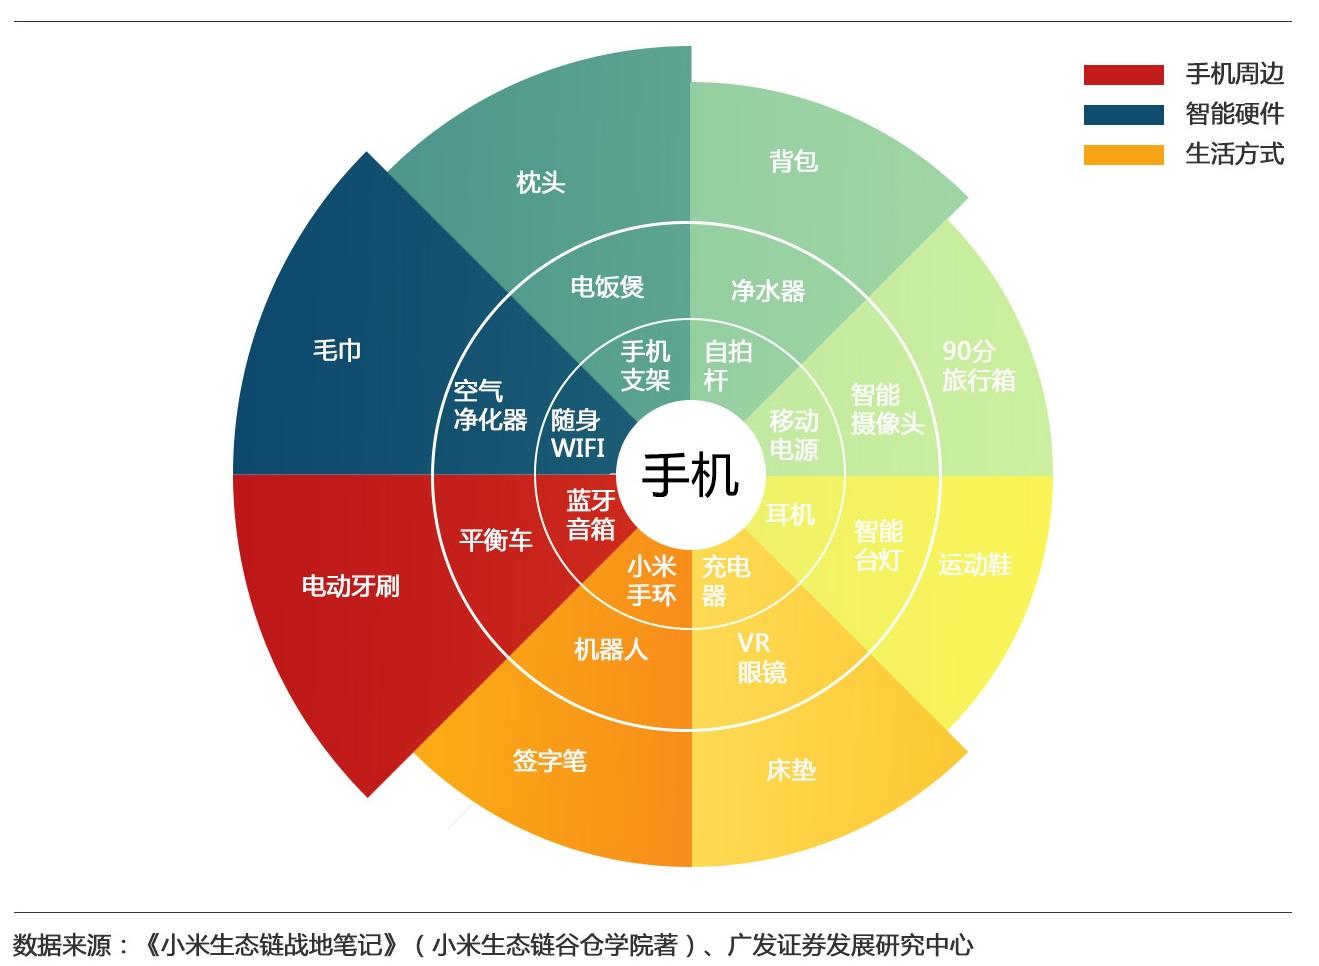 小米生态链.jpg